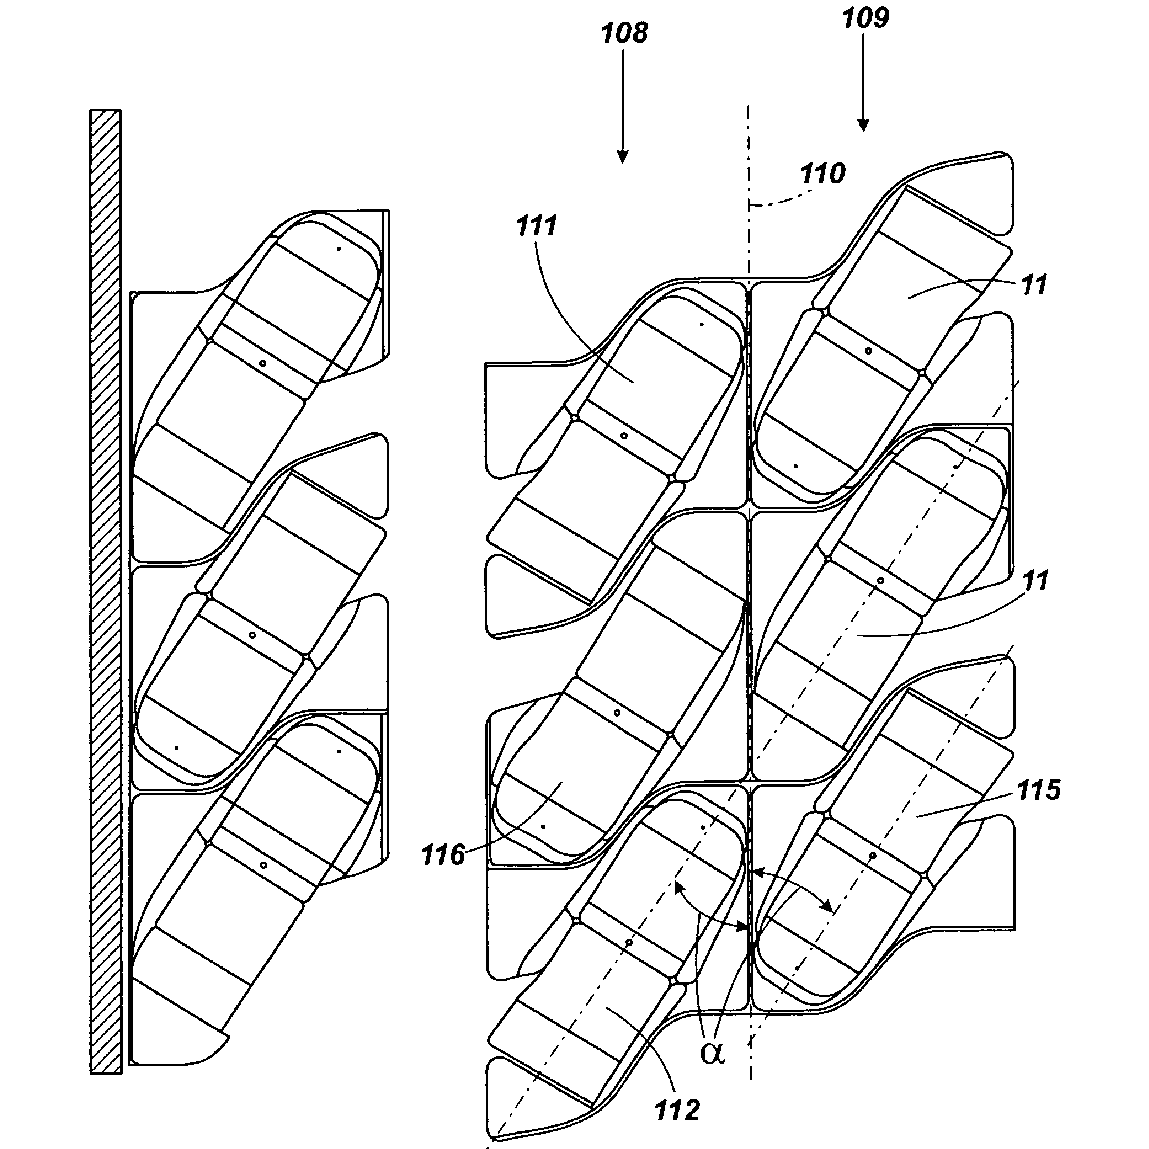 Array Of Aircraft Seats